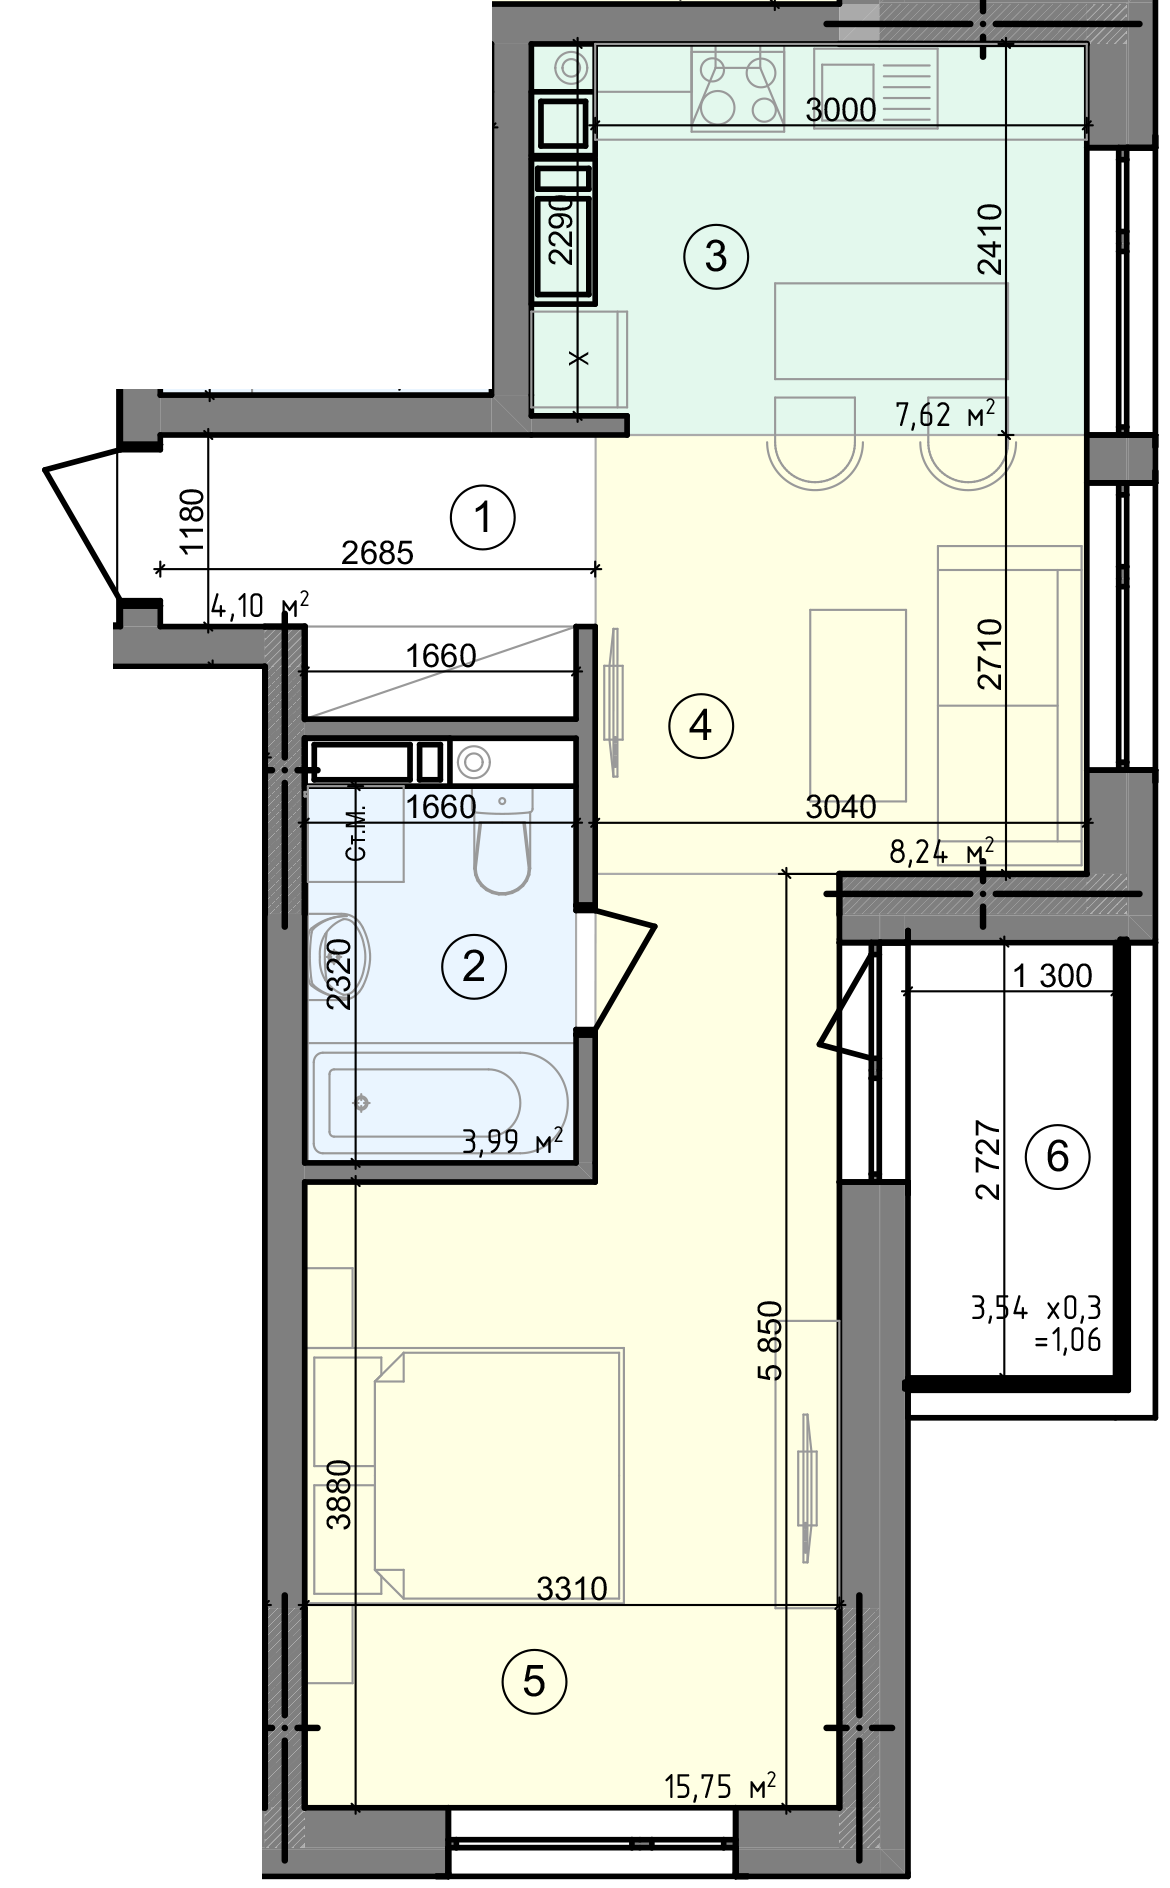 Купить Однокомнатная квартира 40,76 кв.м., тип 1.1, дом 3 секция 3 в Киеве Голосеевский район